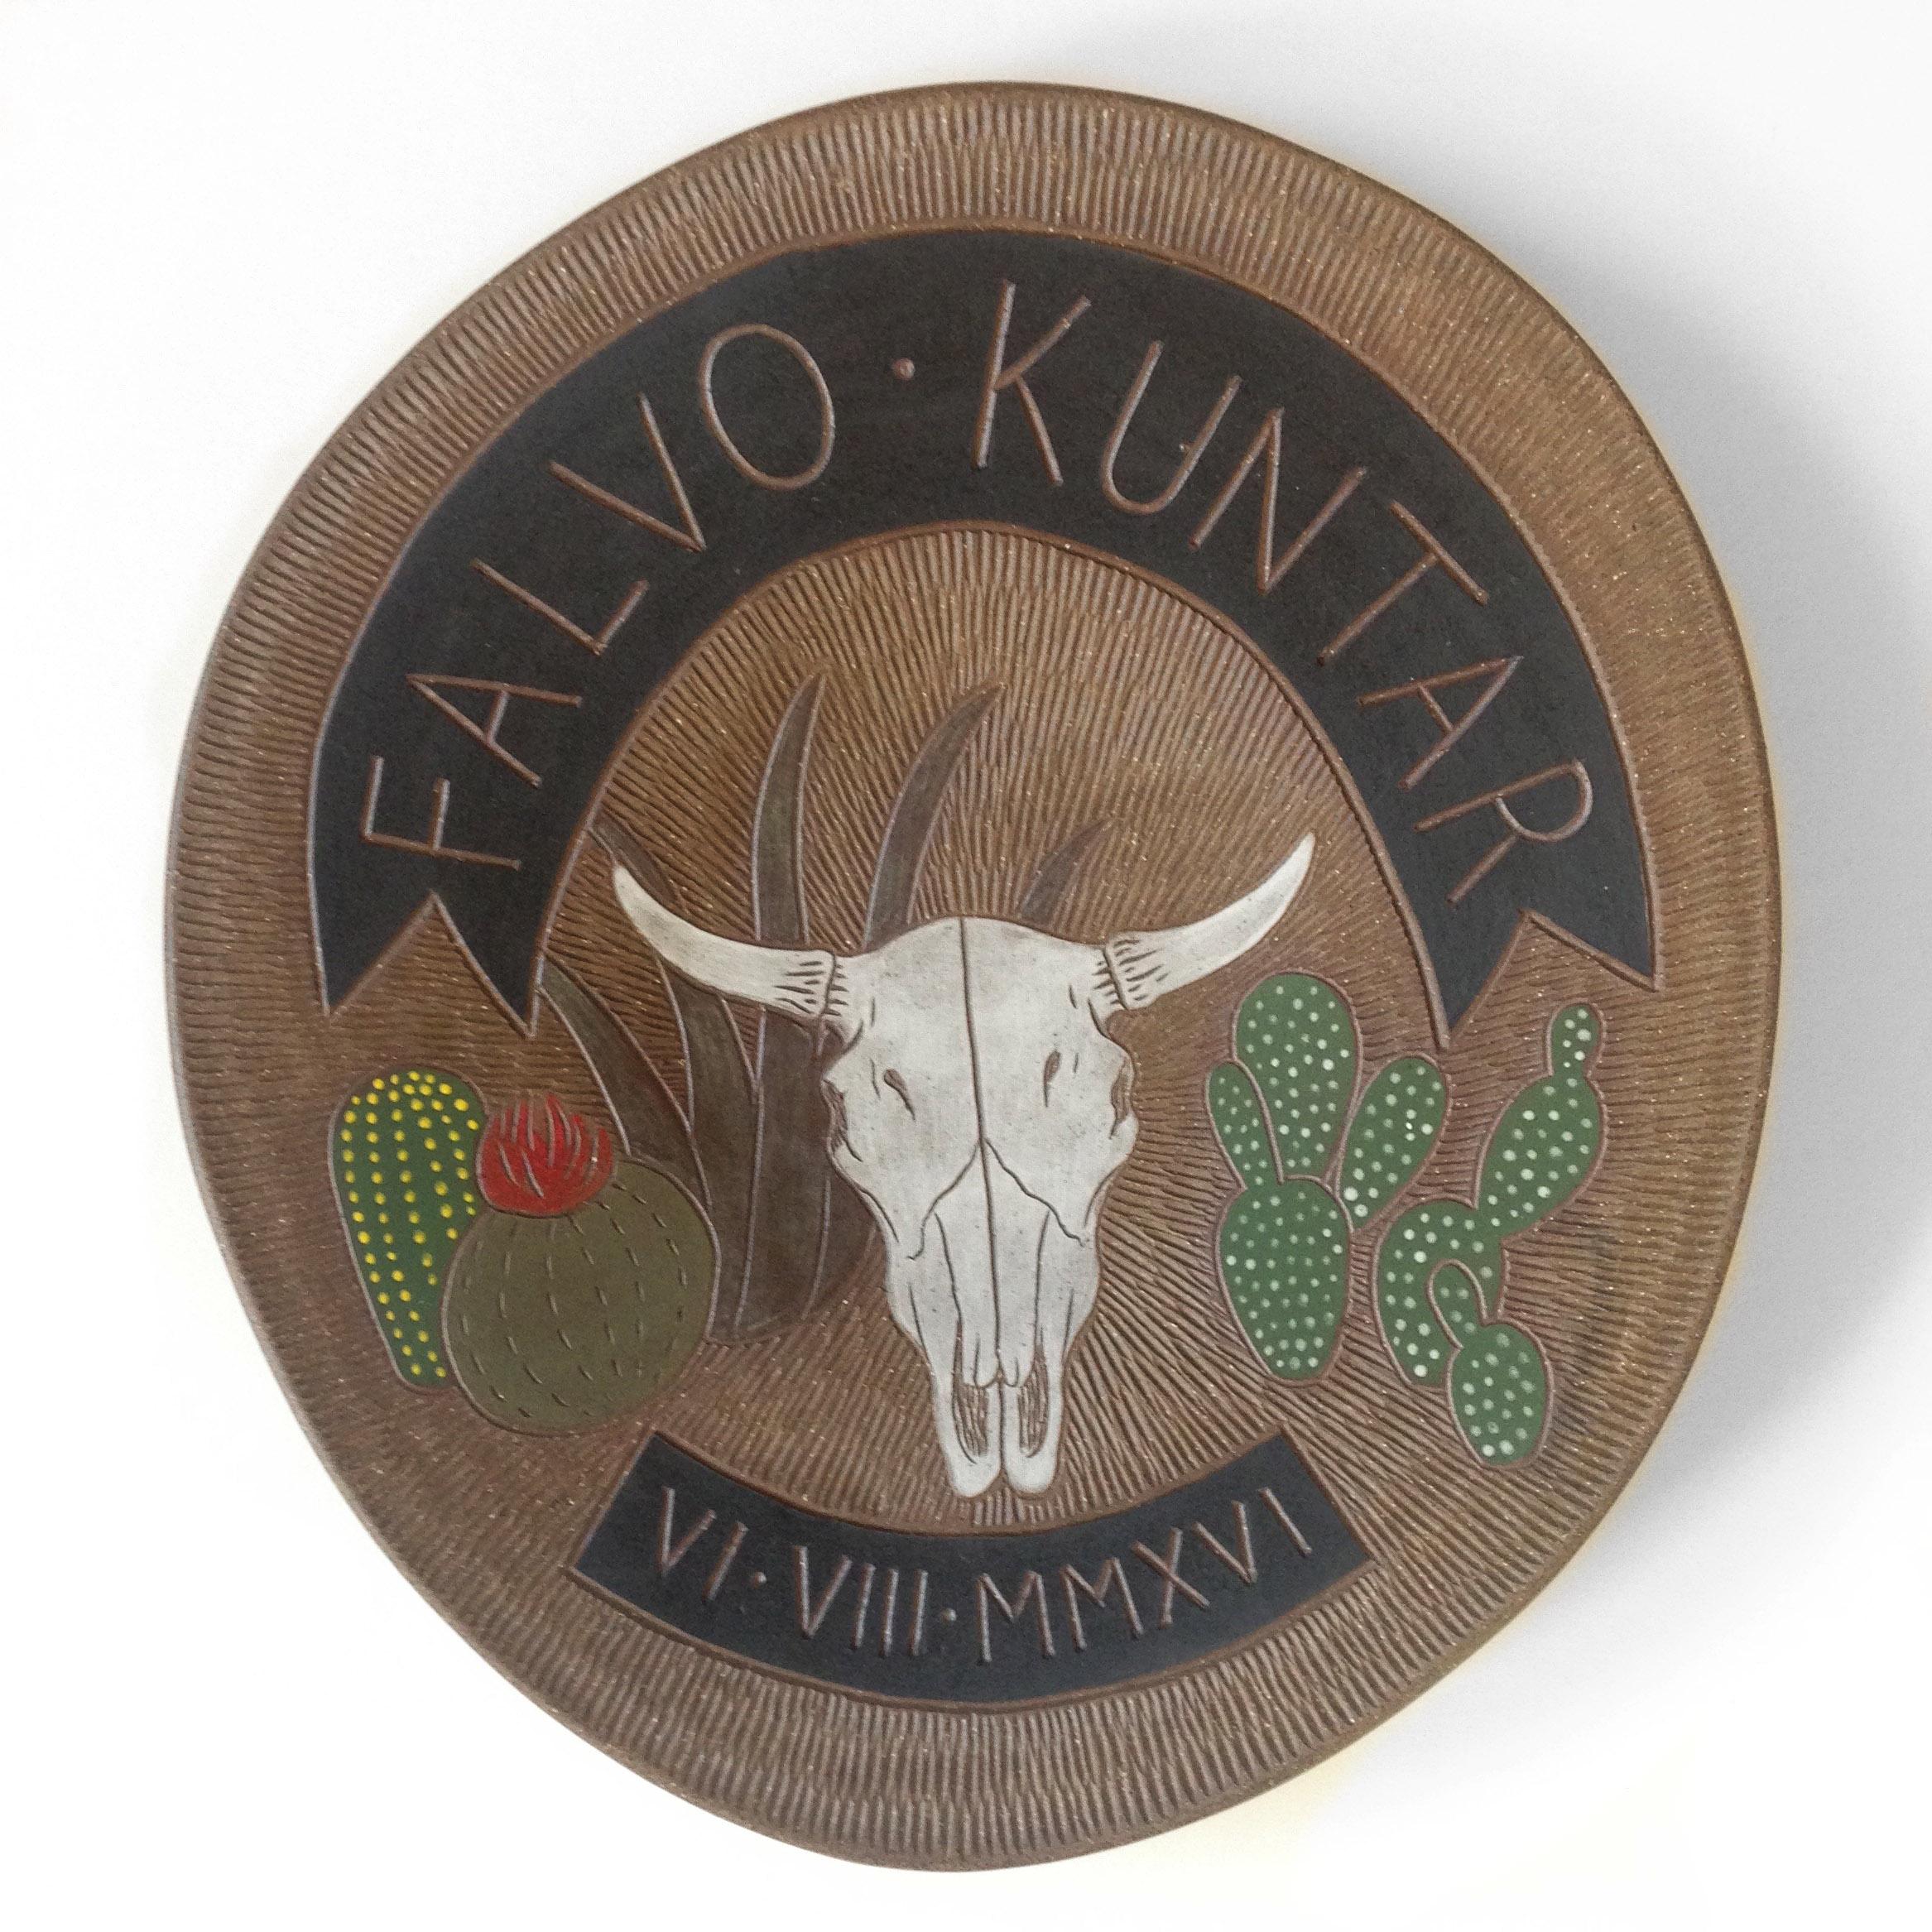 Falvo Kuntar wedding platter, 2016